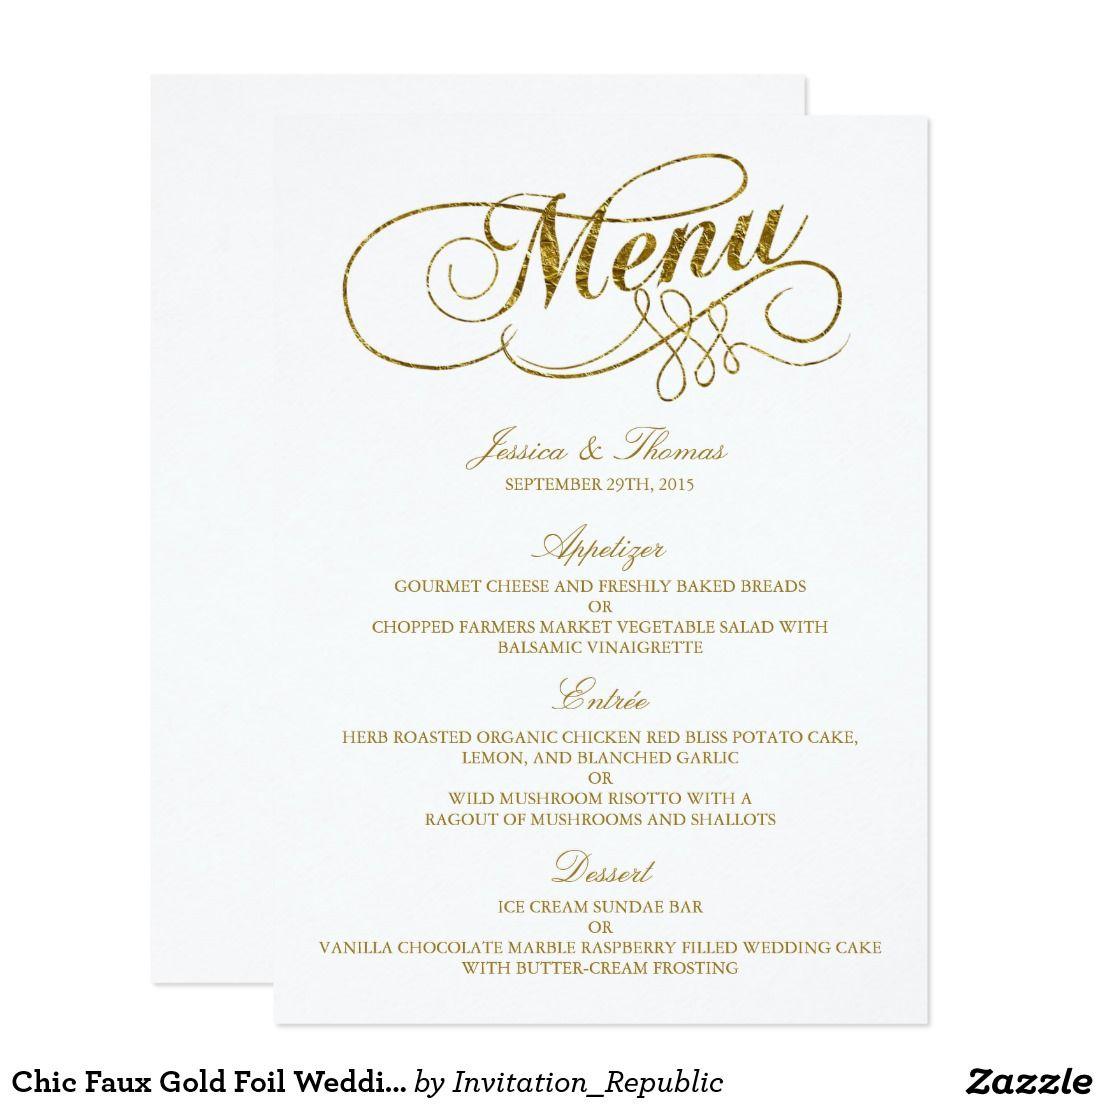 Chic Faux Gold Foil Wedding Menu Template Card | Zazzle | Pinterest